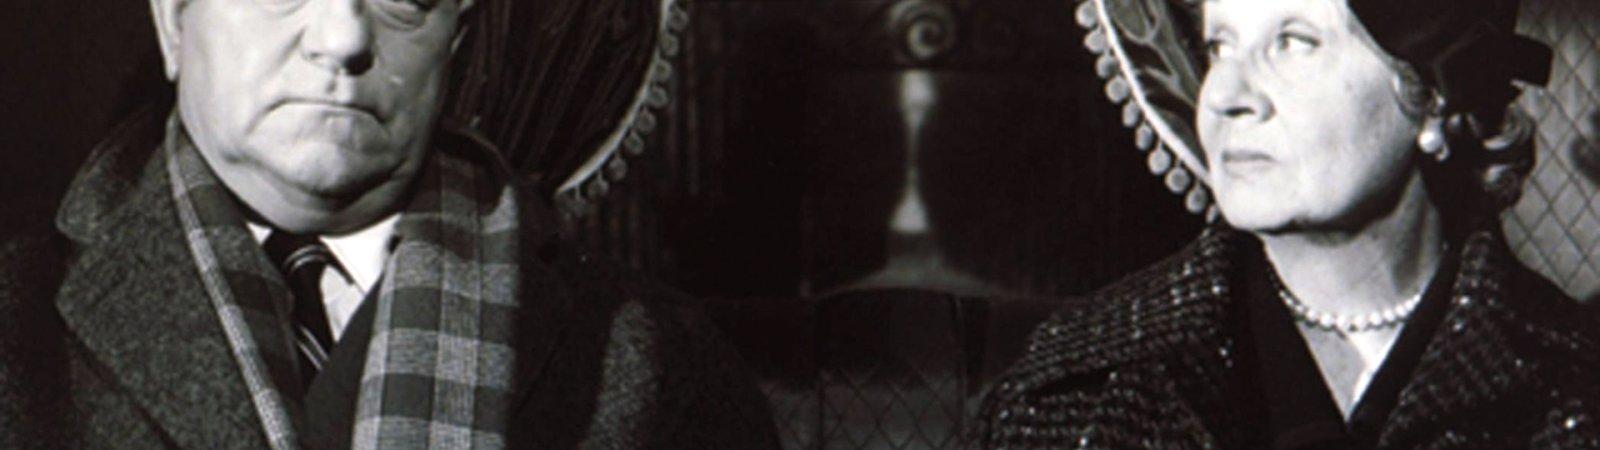 Photo du film : Maigret et l'affaire saint fiacre